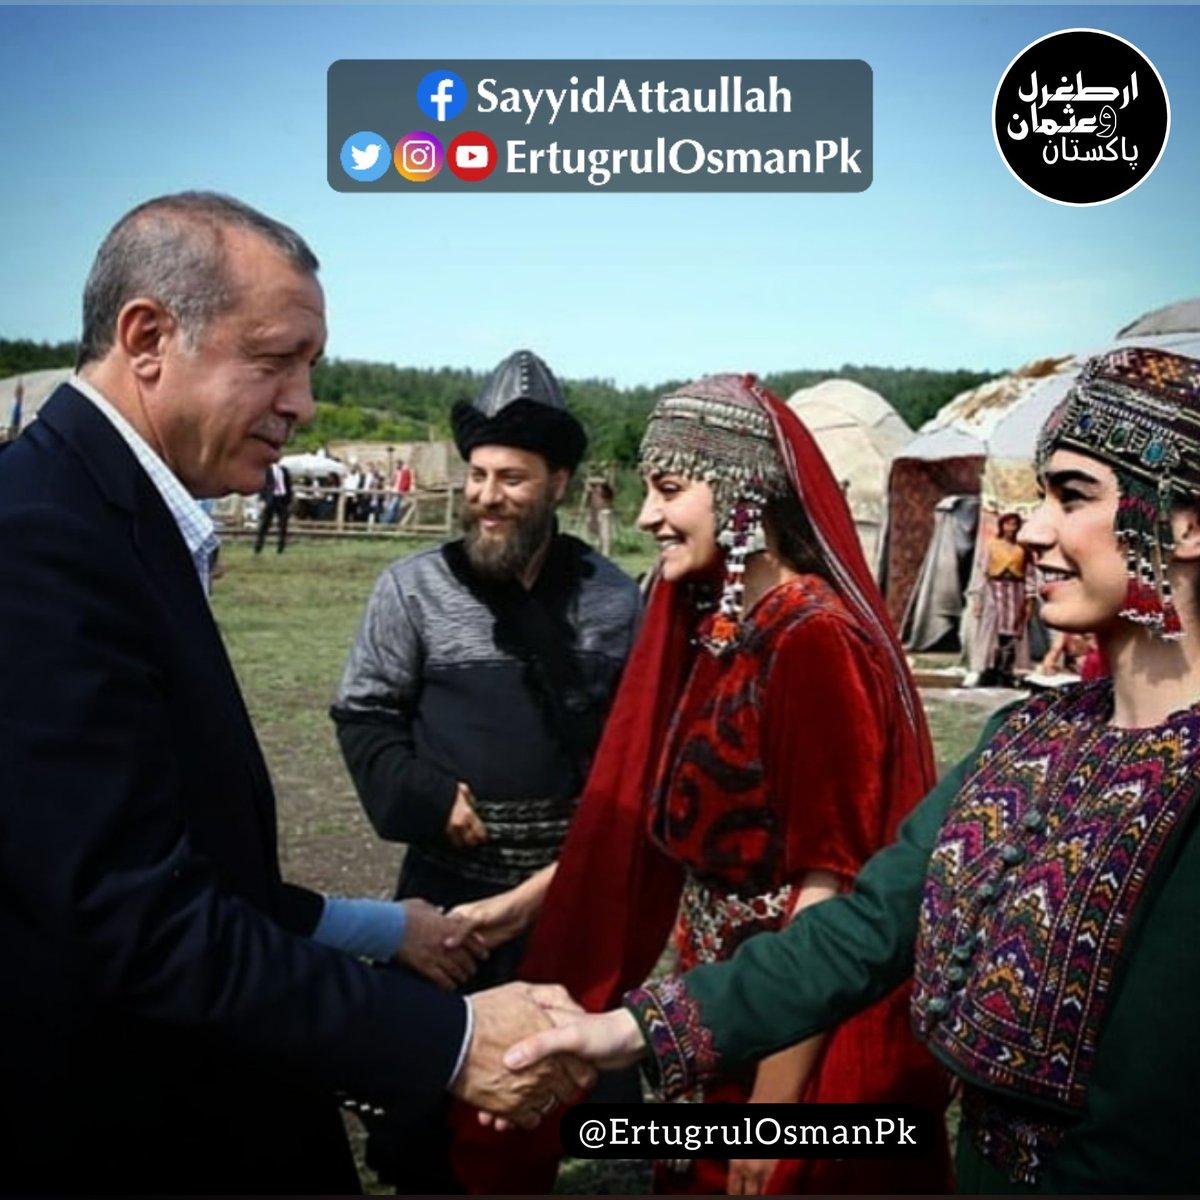 Mard E Mujahid With The Cast of #ErtugrulGhazi 👌✌️😍 #ErtugrulOsmanPakistan ..............................................  #DirilişErtuğrul #DirilisErtugrul #Ertugrul #ErtugrulUrdu #ErtugrulUrduPTV #ErtugrulUrduPTV_TRT #Erdogan #SelcenHatun #Gökçe #Gundogdu #ErtugrulCast https://t.co/5bPg1gommP